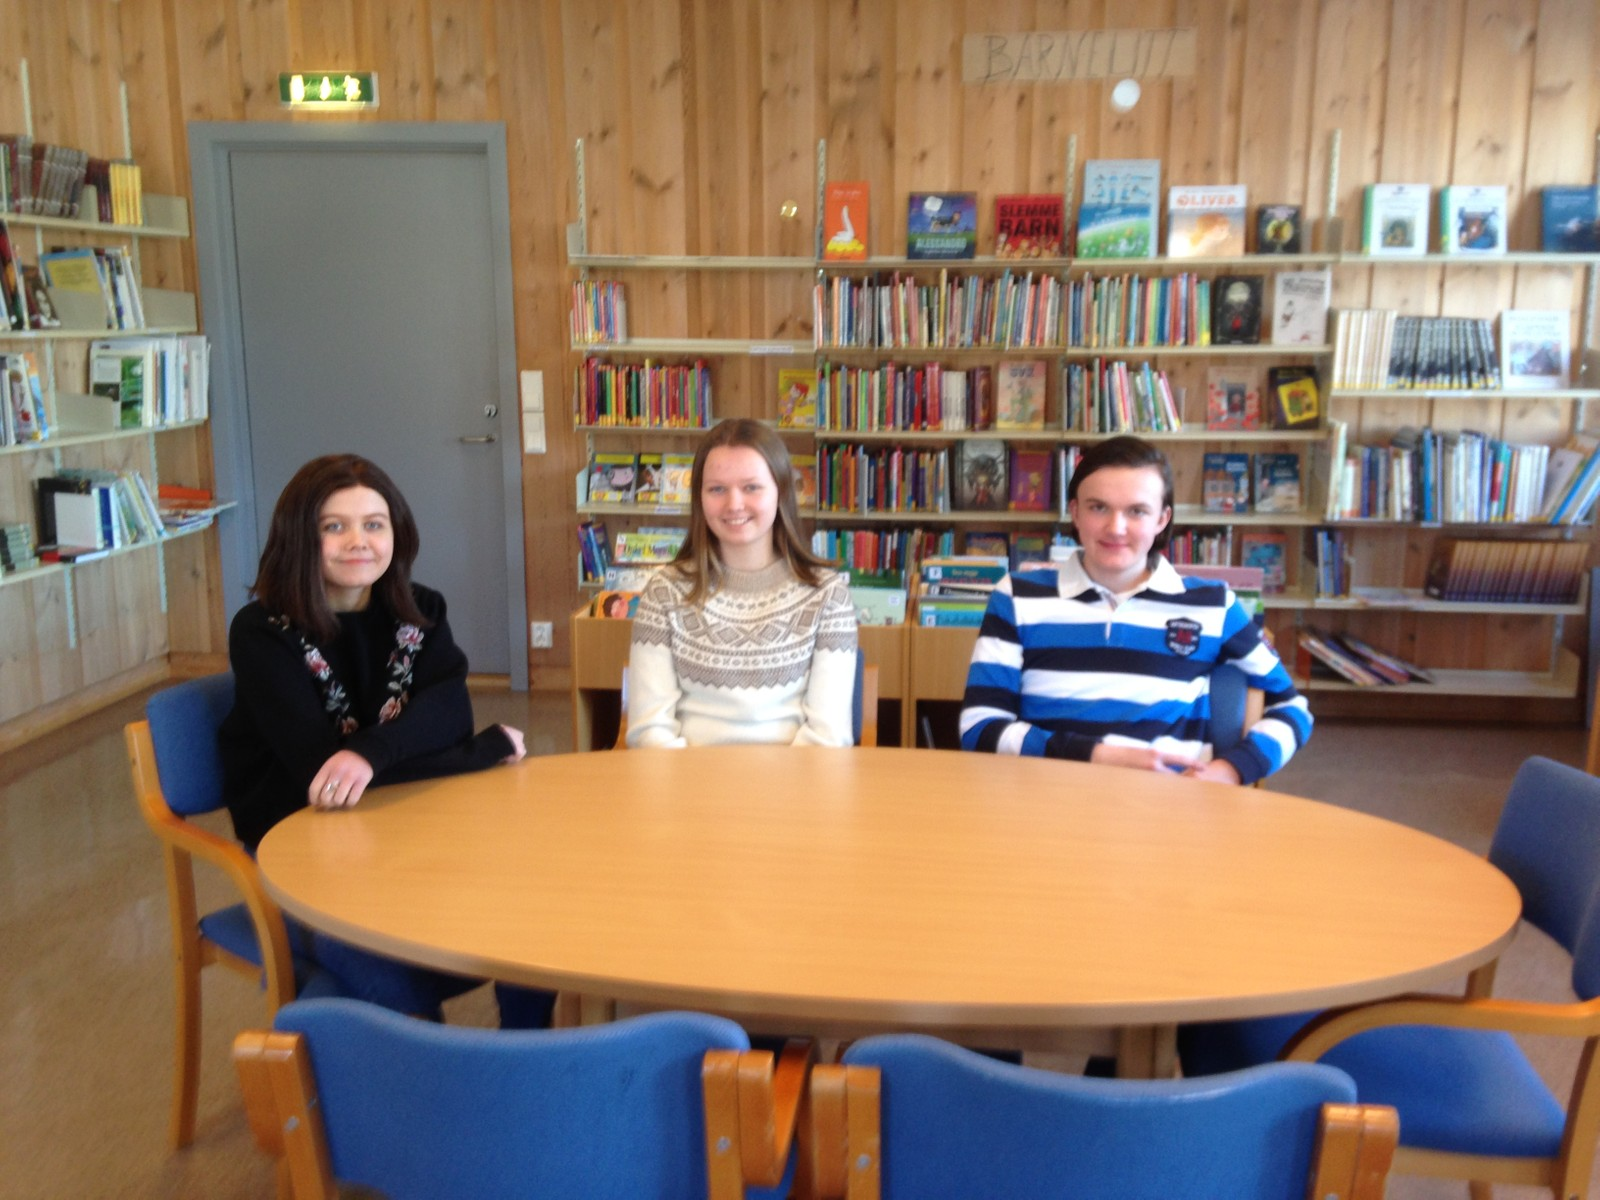 Tuva Marie Sørum , Mari Sevaldrud og Markus Sørum Struksnæs fra Bjoneroa skole